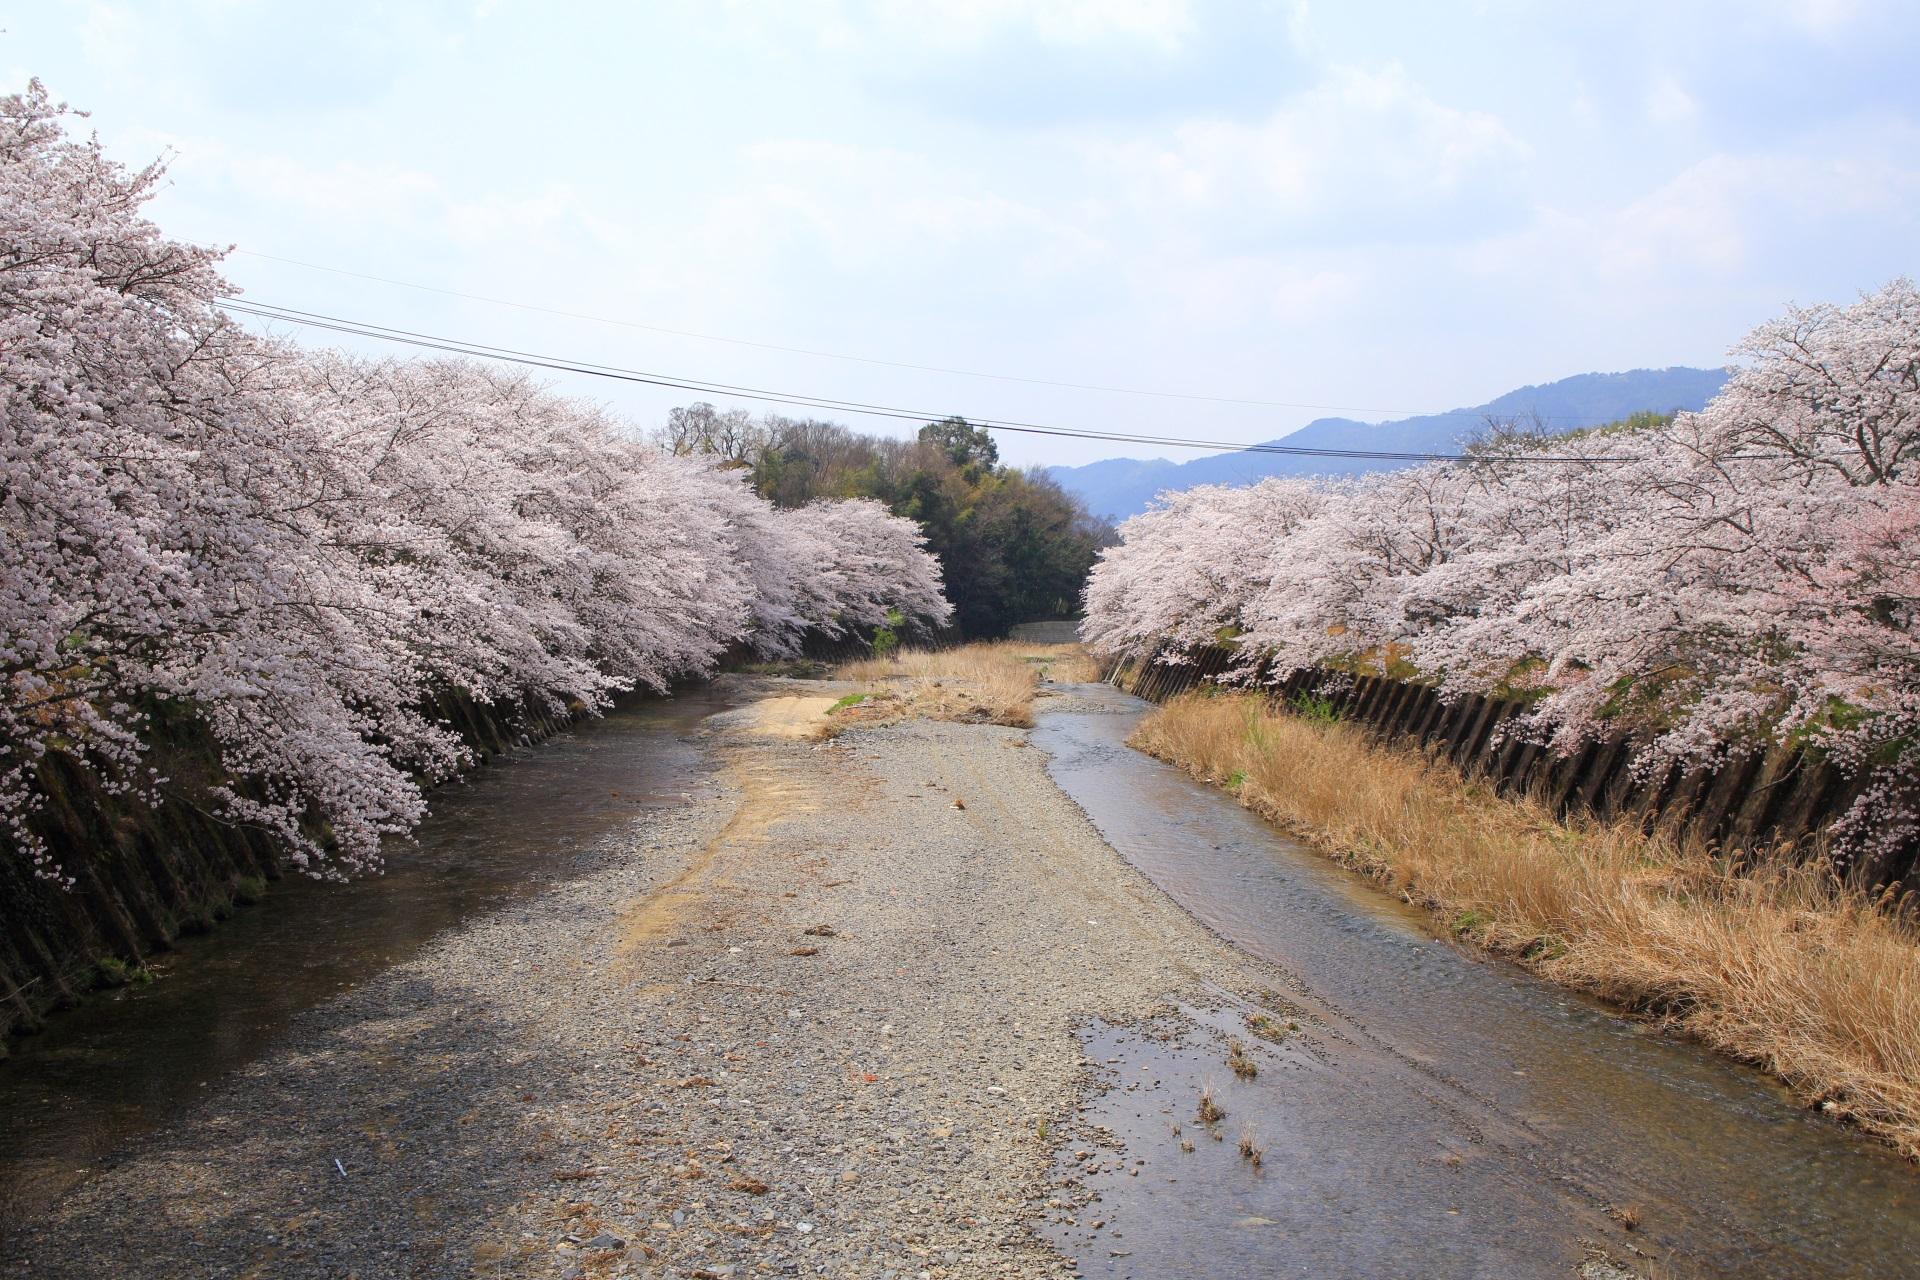 和束町の祝橋(いわいばし)の桜